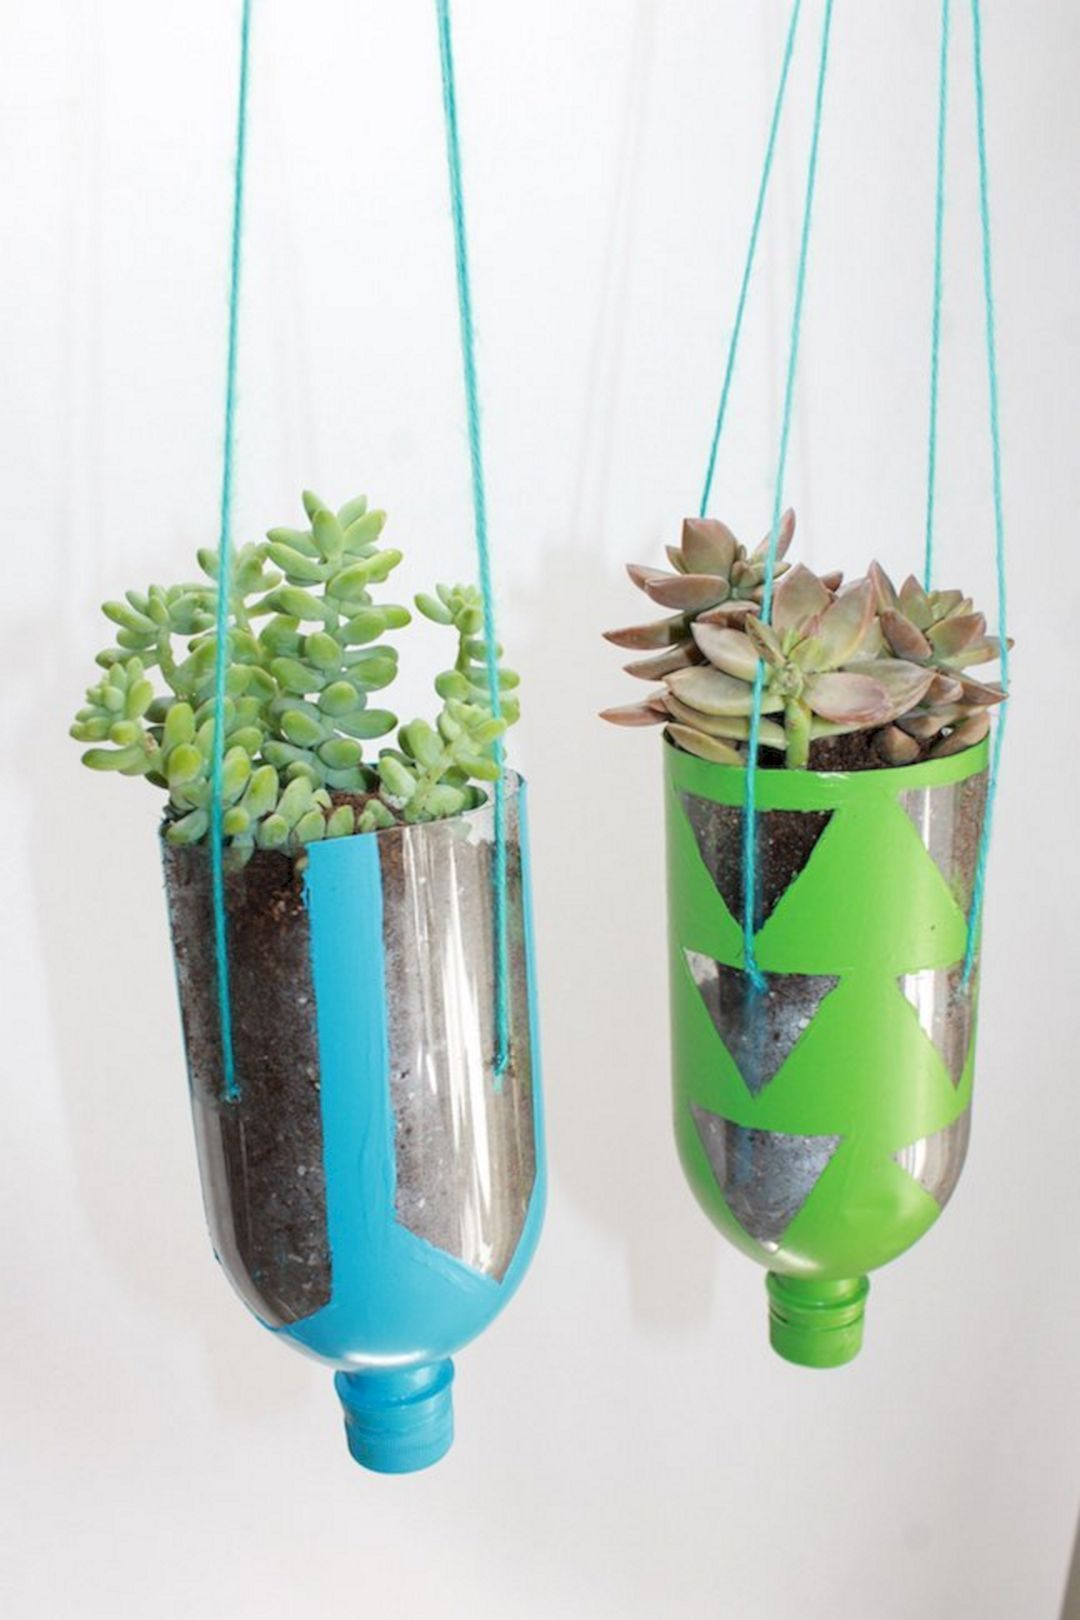 Diy gardening with recycled water bottles 4 diy hanging